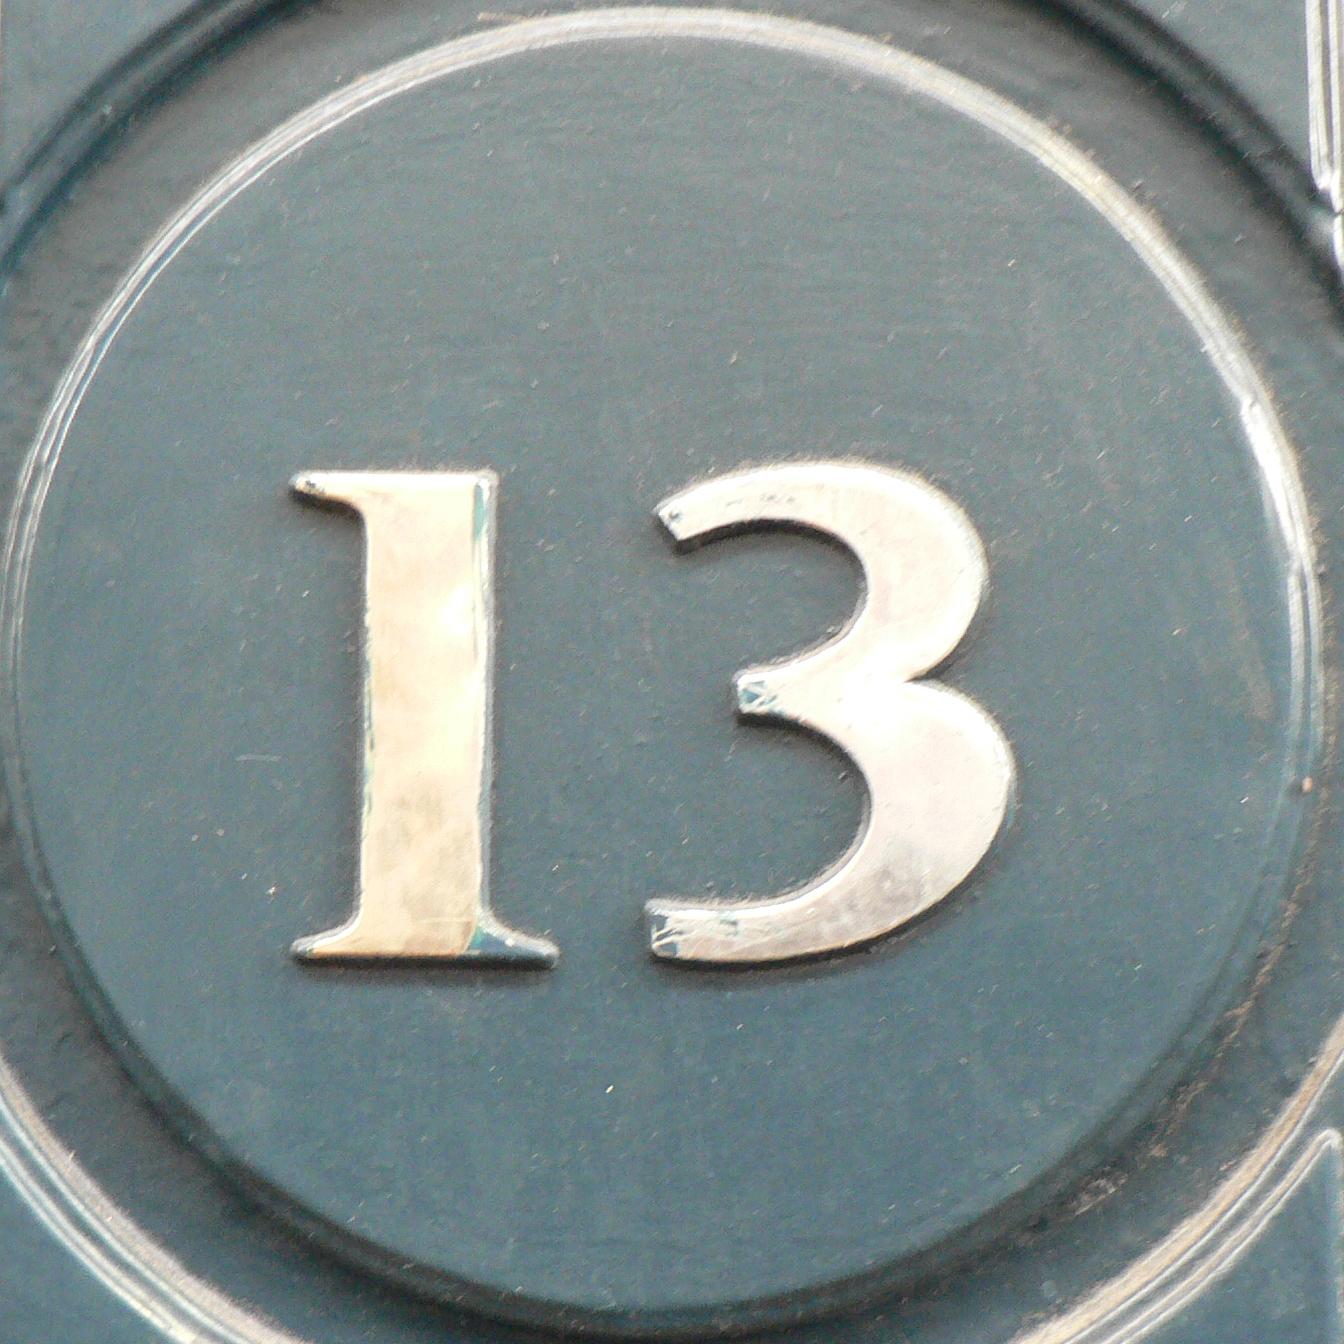 Number 13 (1).jpg